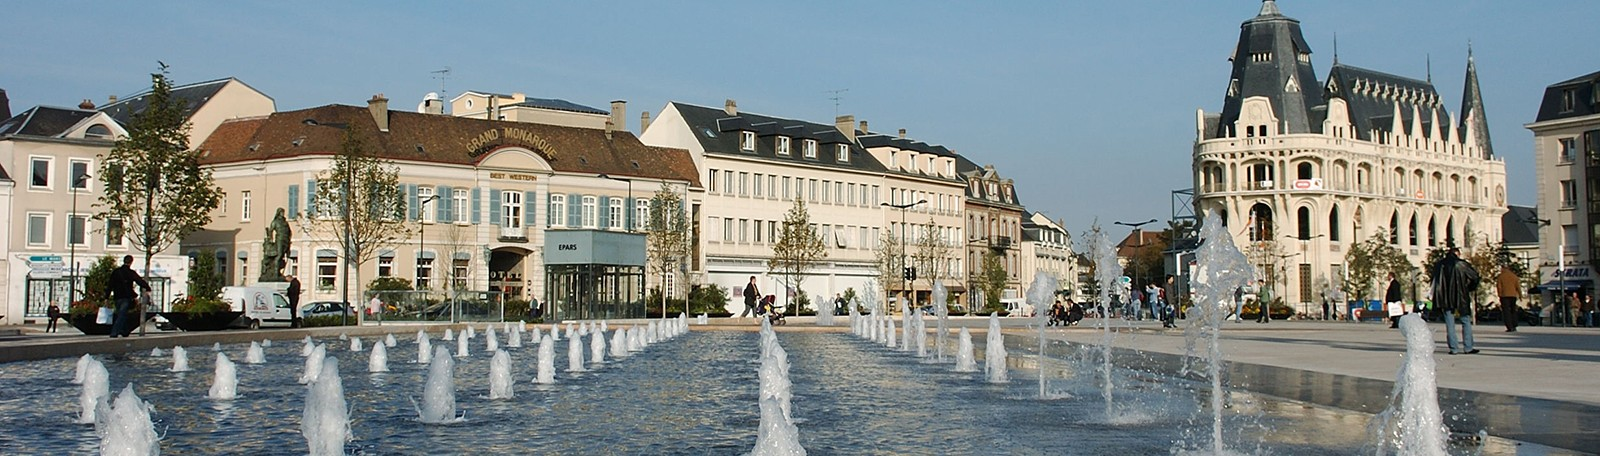 Parking Hôtel de Ville - Parkeren in Chartres   Q-Park